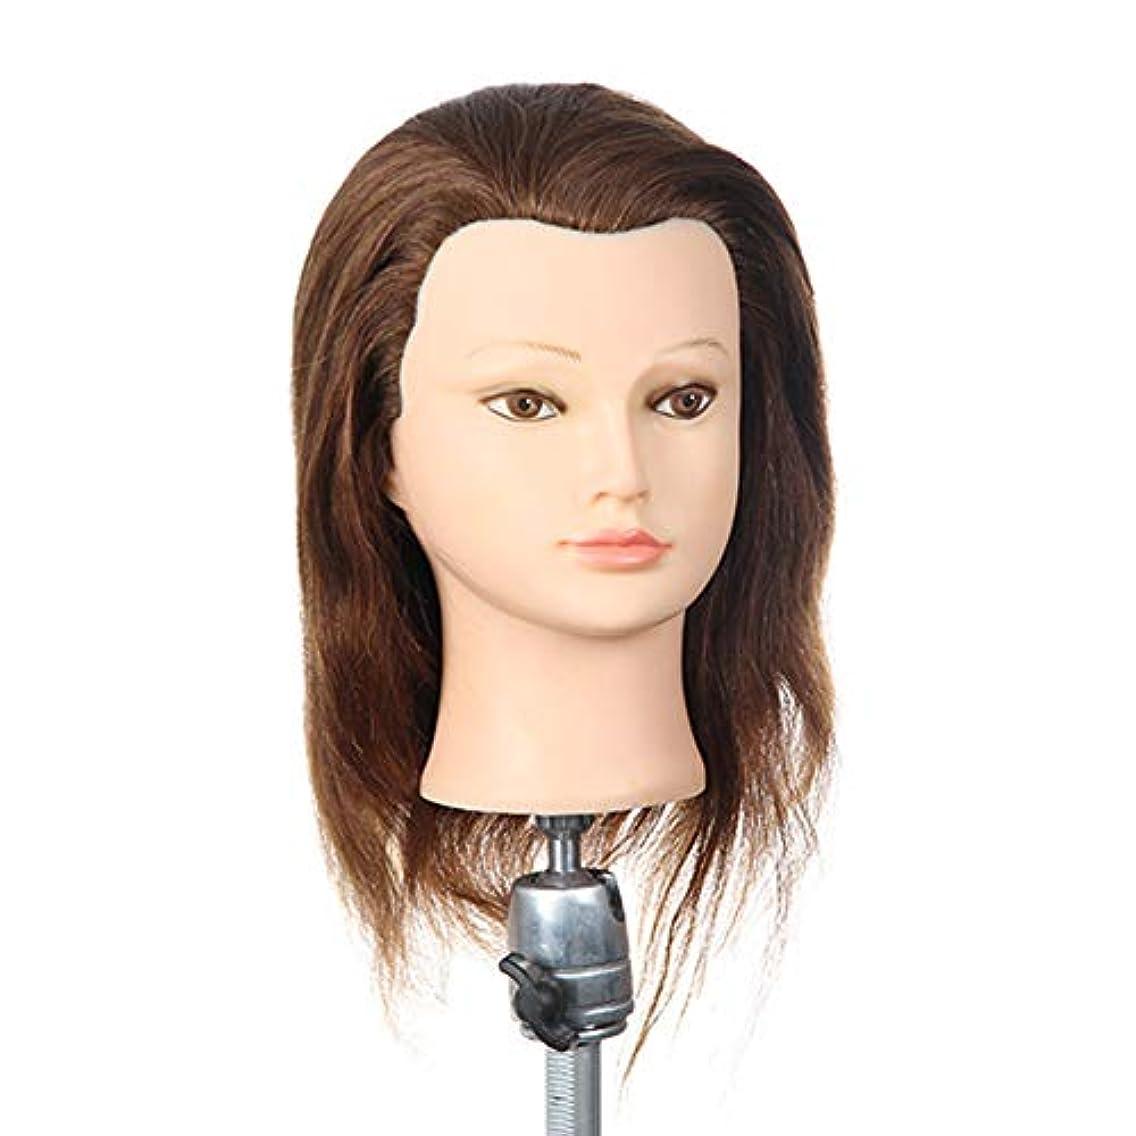 食い違い言うまでもなくバイバイパーマ髪染めティーチングヘッドメイクヘアスタイリングモデルヘッド理髪練習ヘッドブローホットロールマネキンヘッド